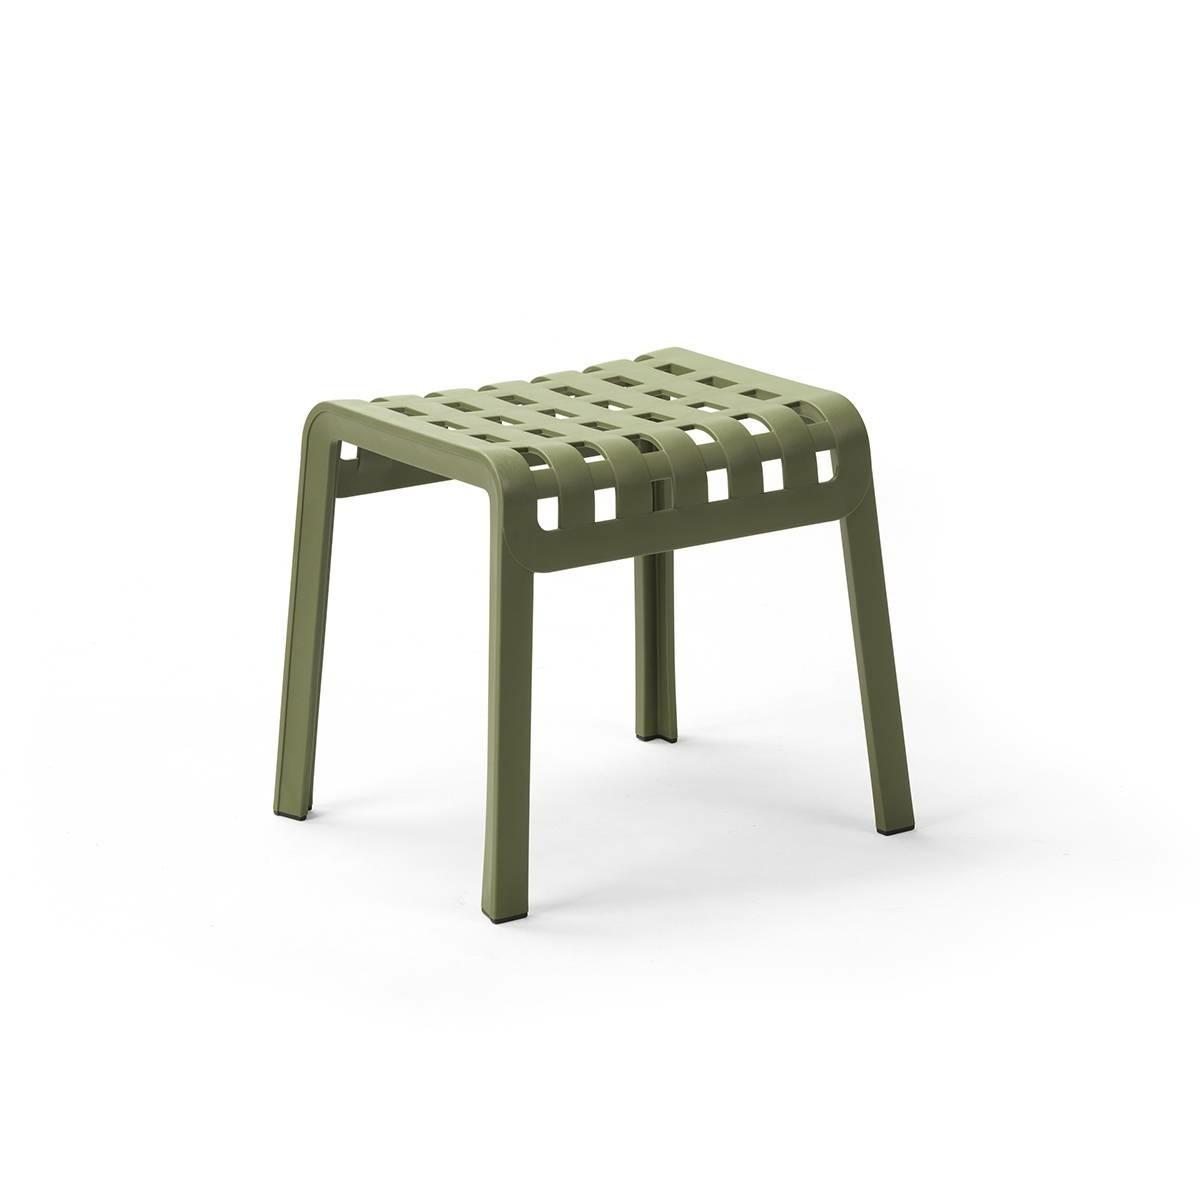 Podnóżek Poggio zielony - zdjęcie nr 0